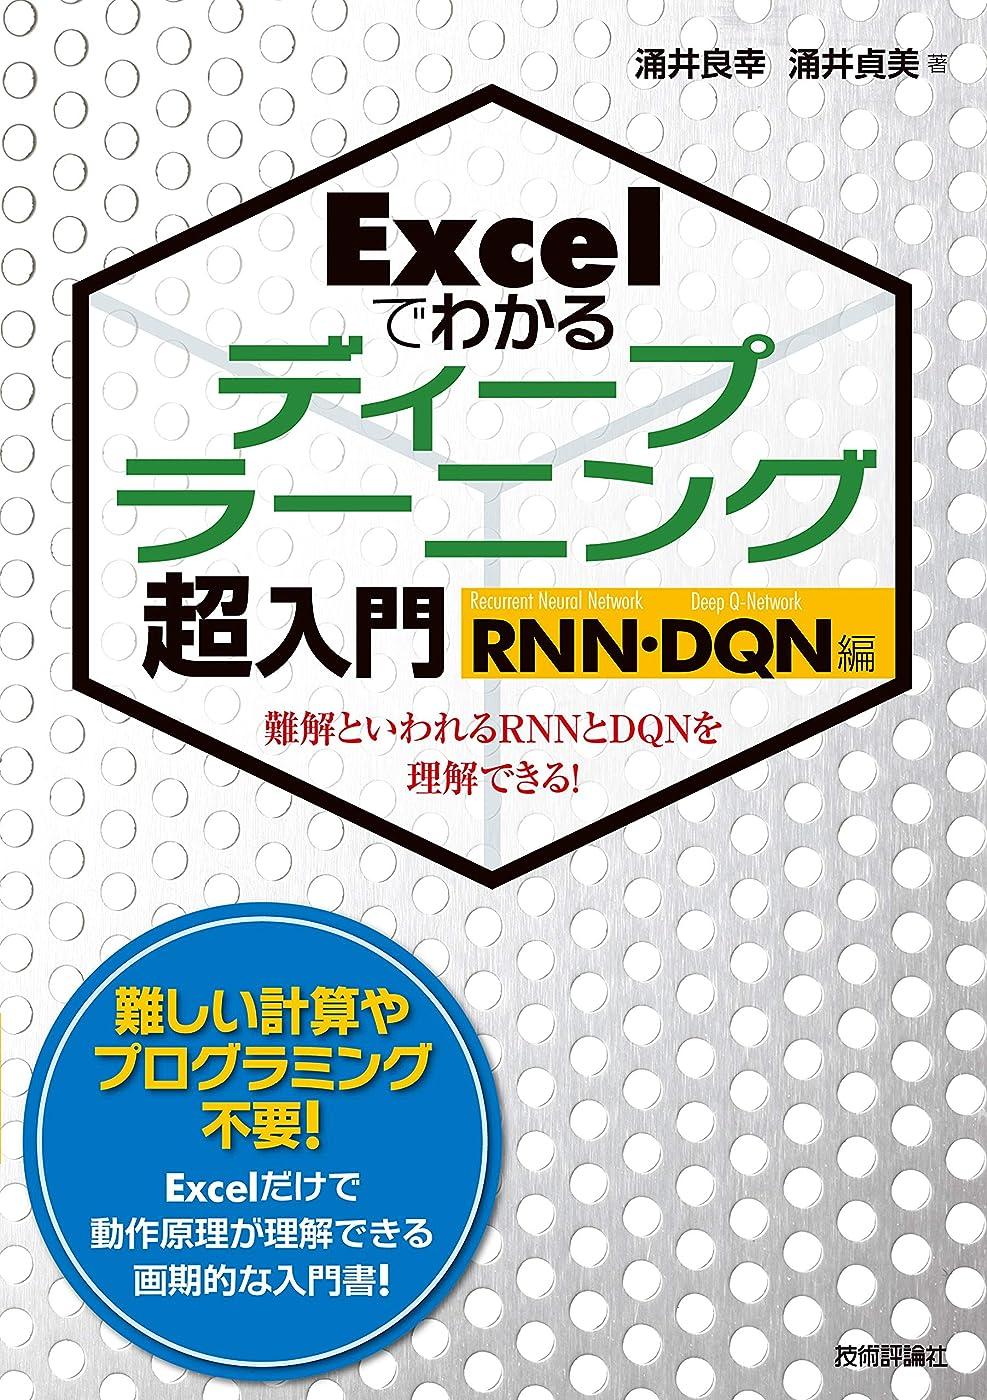 ぴかぴか定説コマースMicrosoft Excel 2016 応用